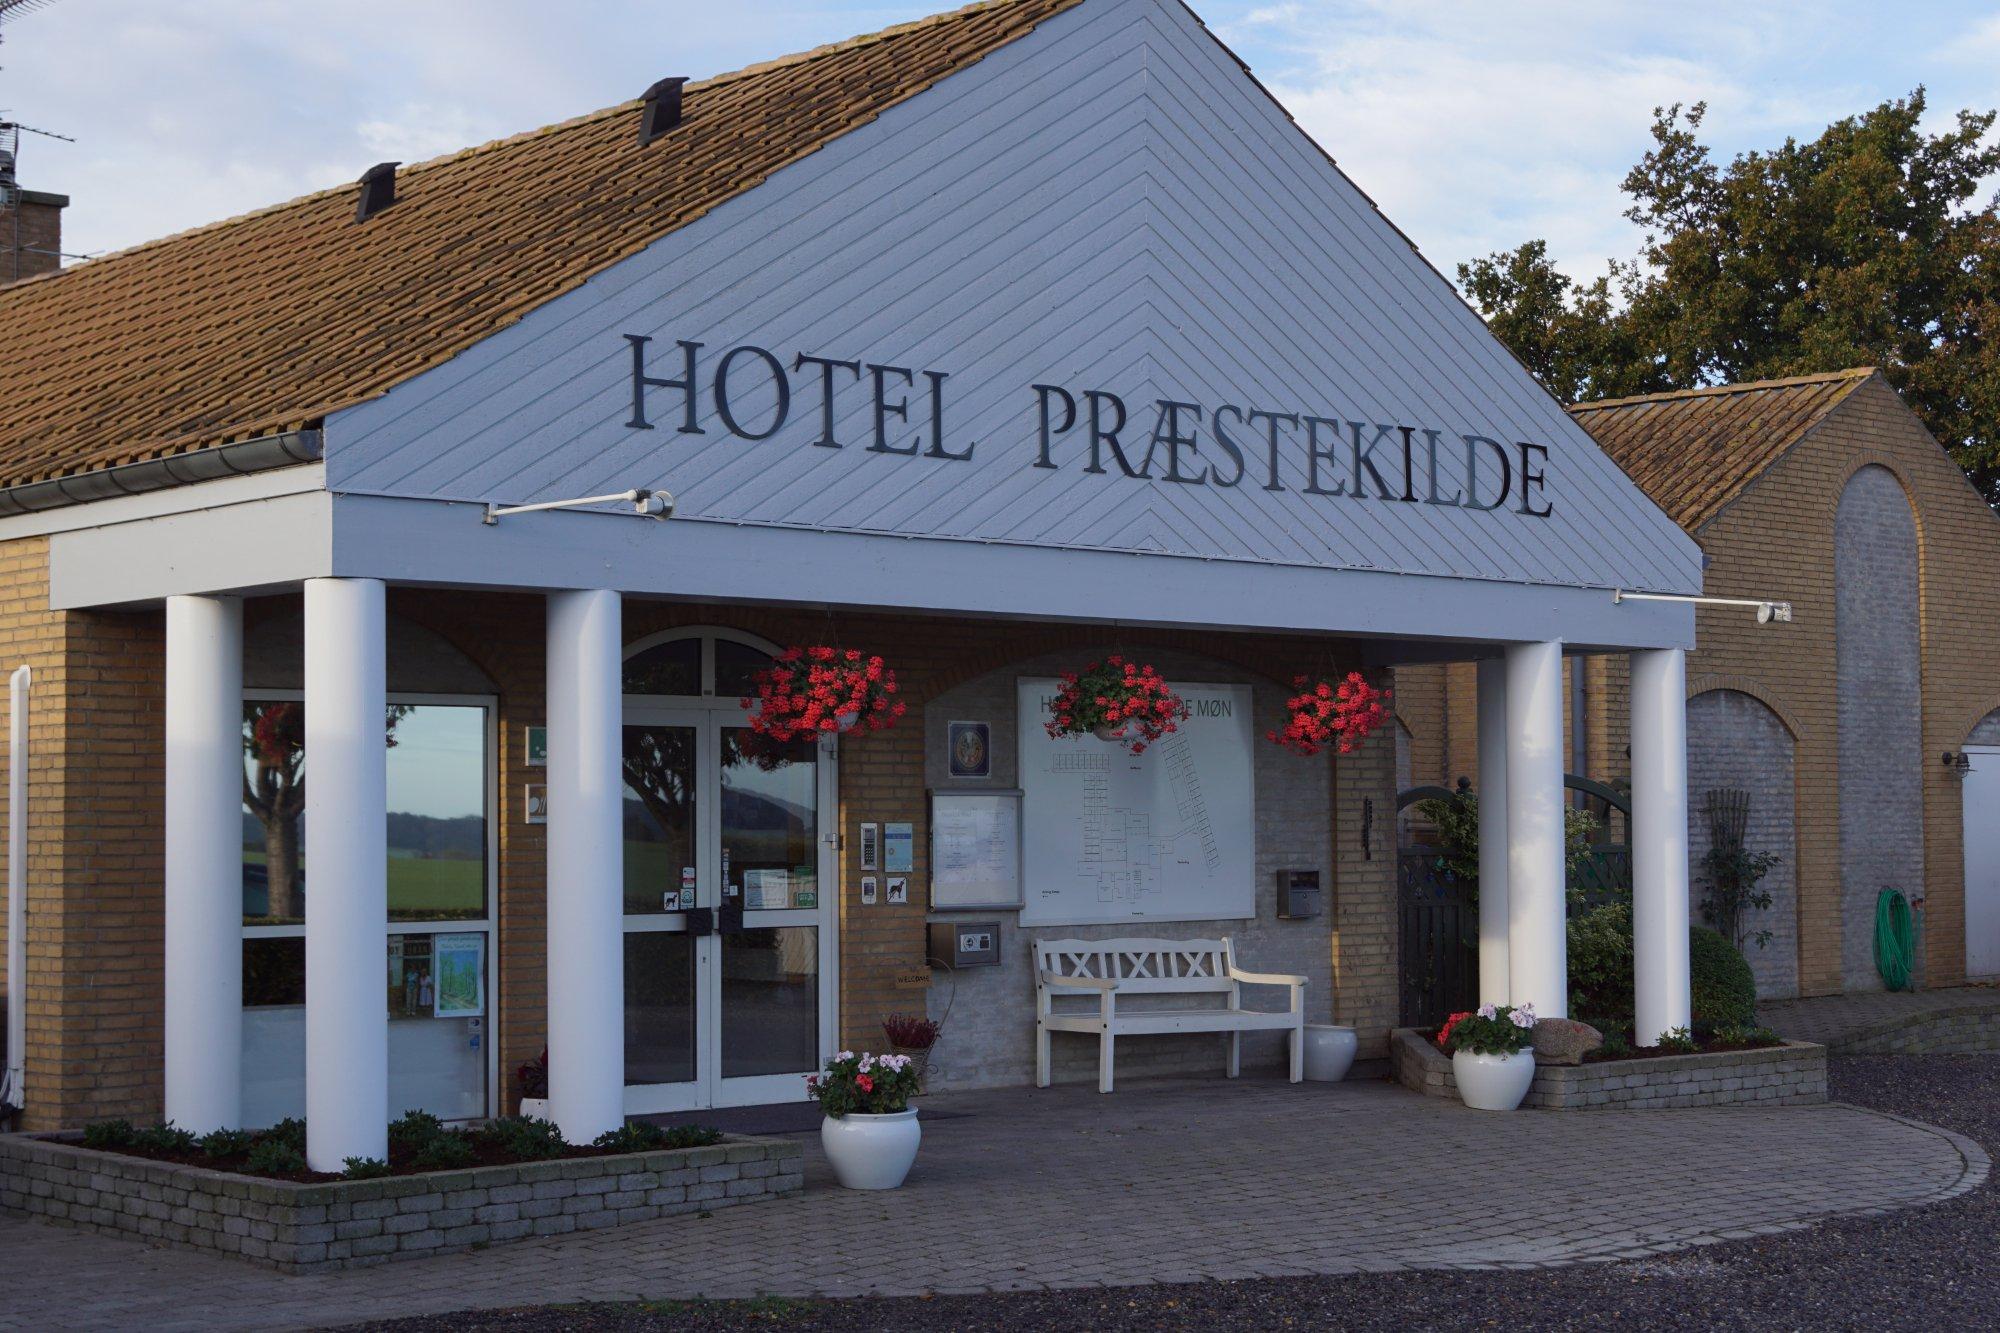 普瑞斯特克里德酒店